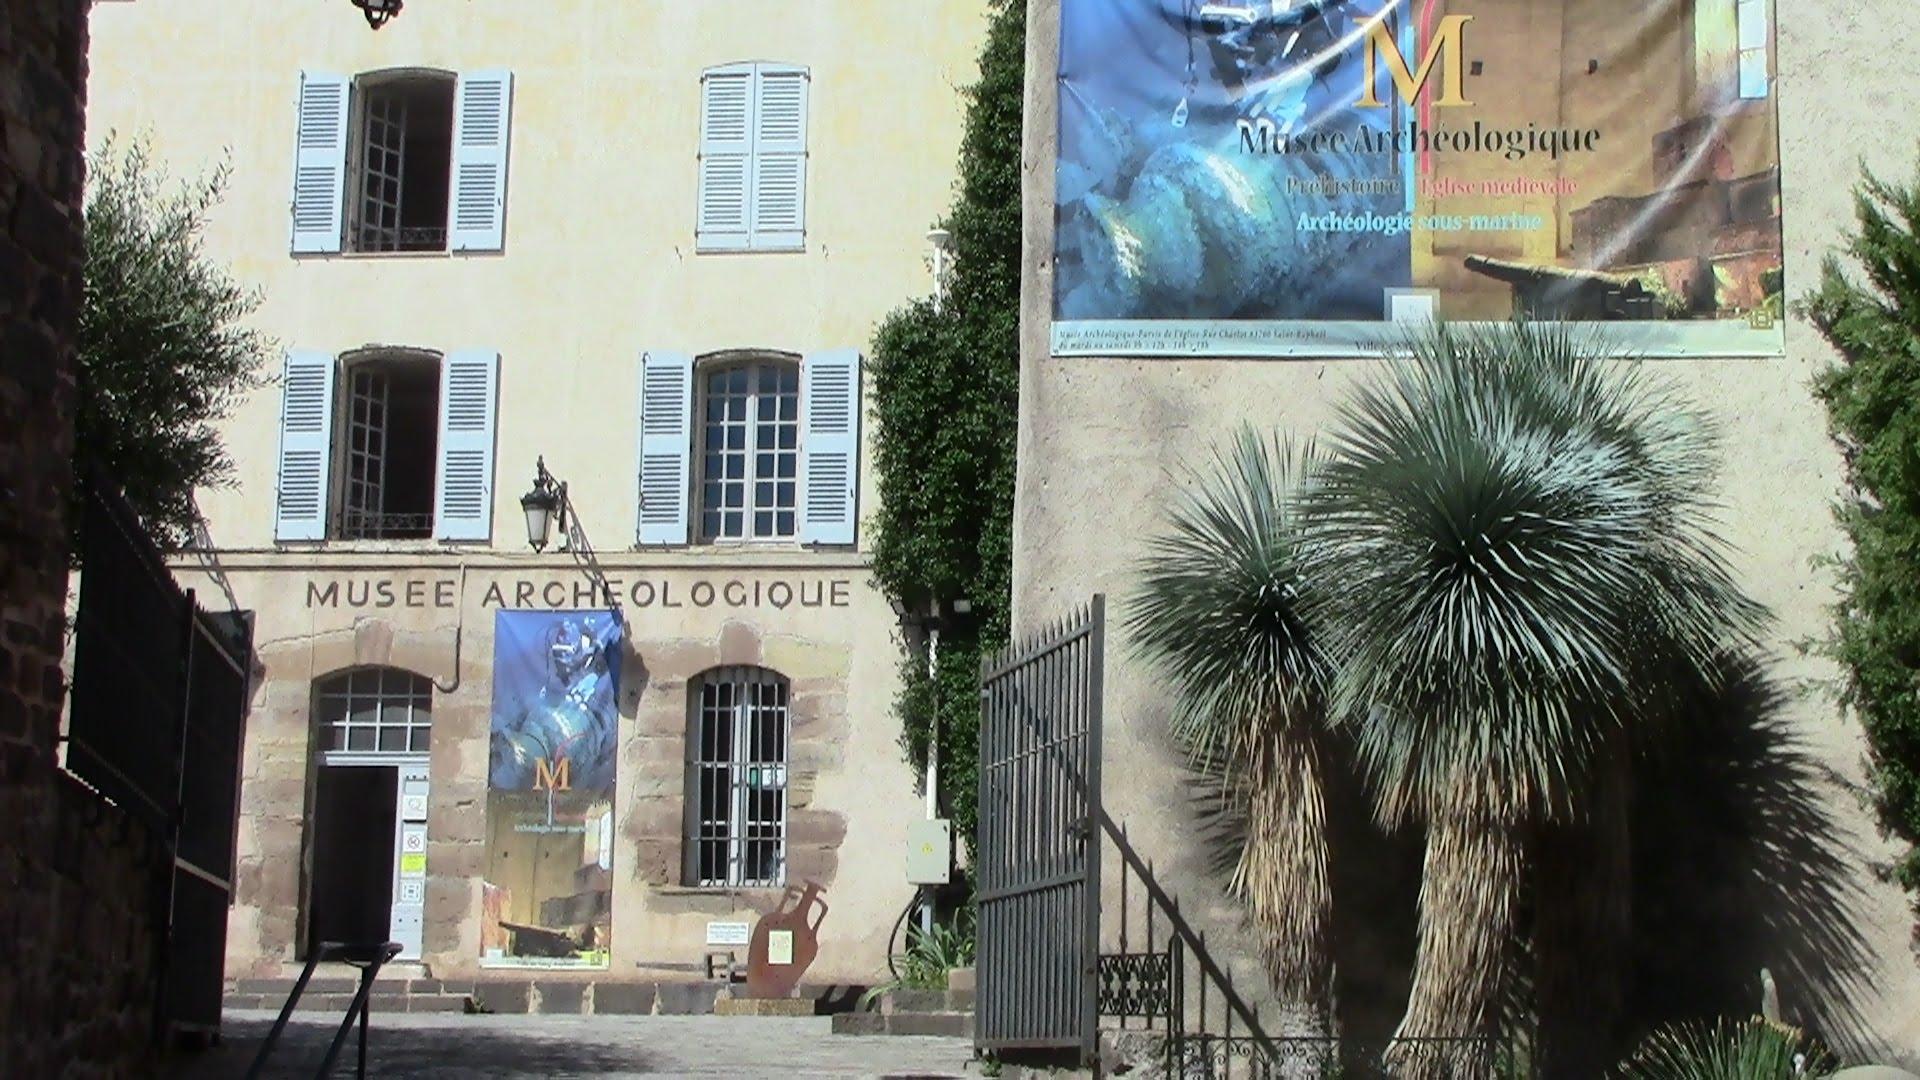 Façade du Musée archéologique de Saint-Raphaël